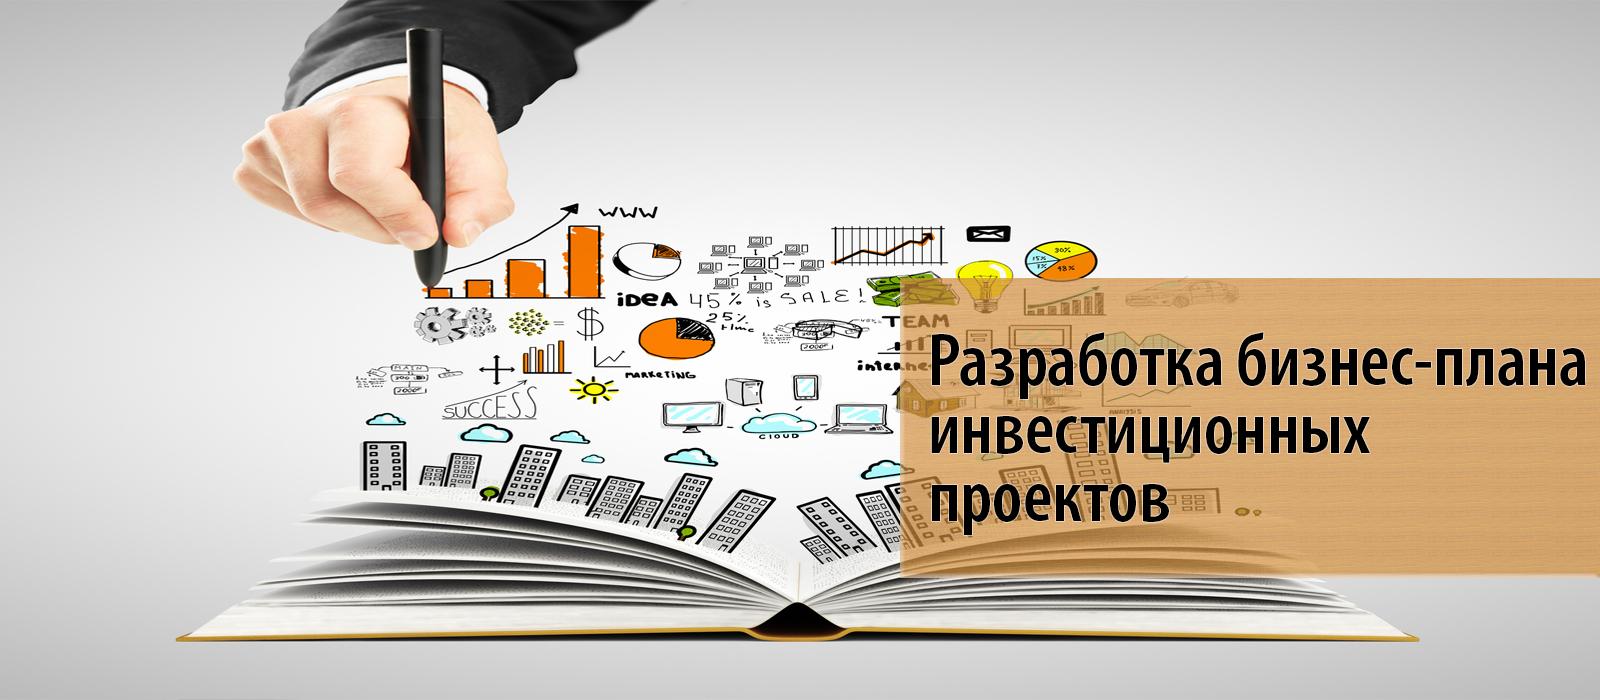 Biznes Plan Investitsionnyih Proektov